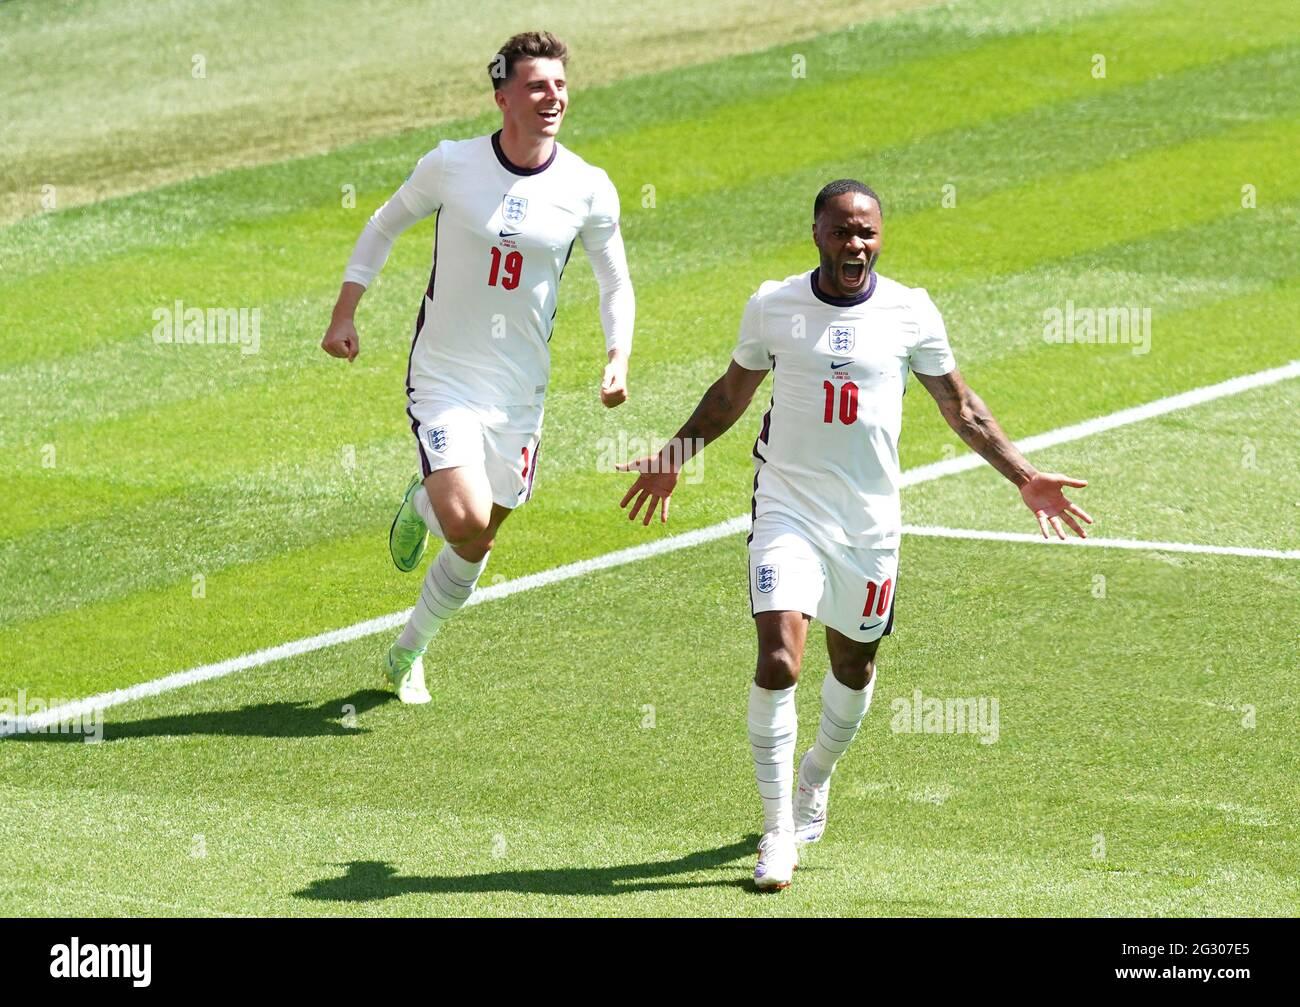 Der englische Raheem Sterling (rechts) feiert das erste Tor seiner Mannschaft während des UEFA Euro 2020 Gruppe D-Spiels im Wembley Stadium, London. Bilddatum: Sonntag, 13. Juni 2021. Stockfoto